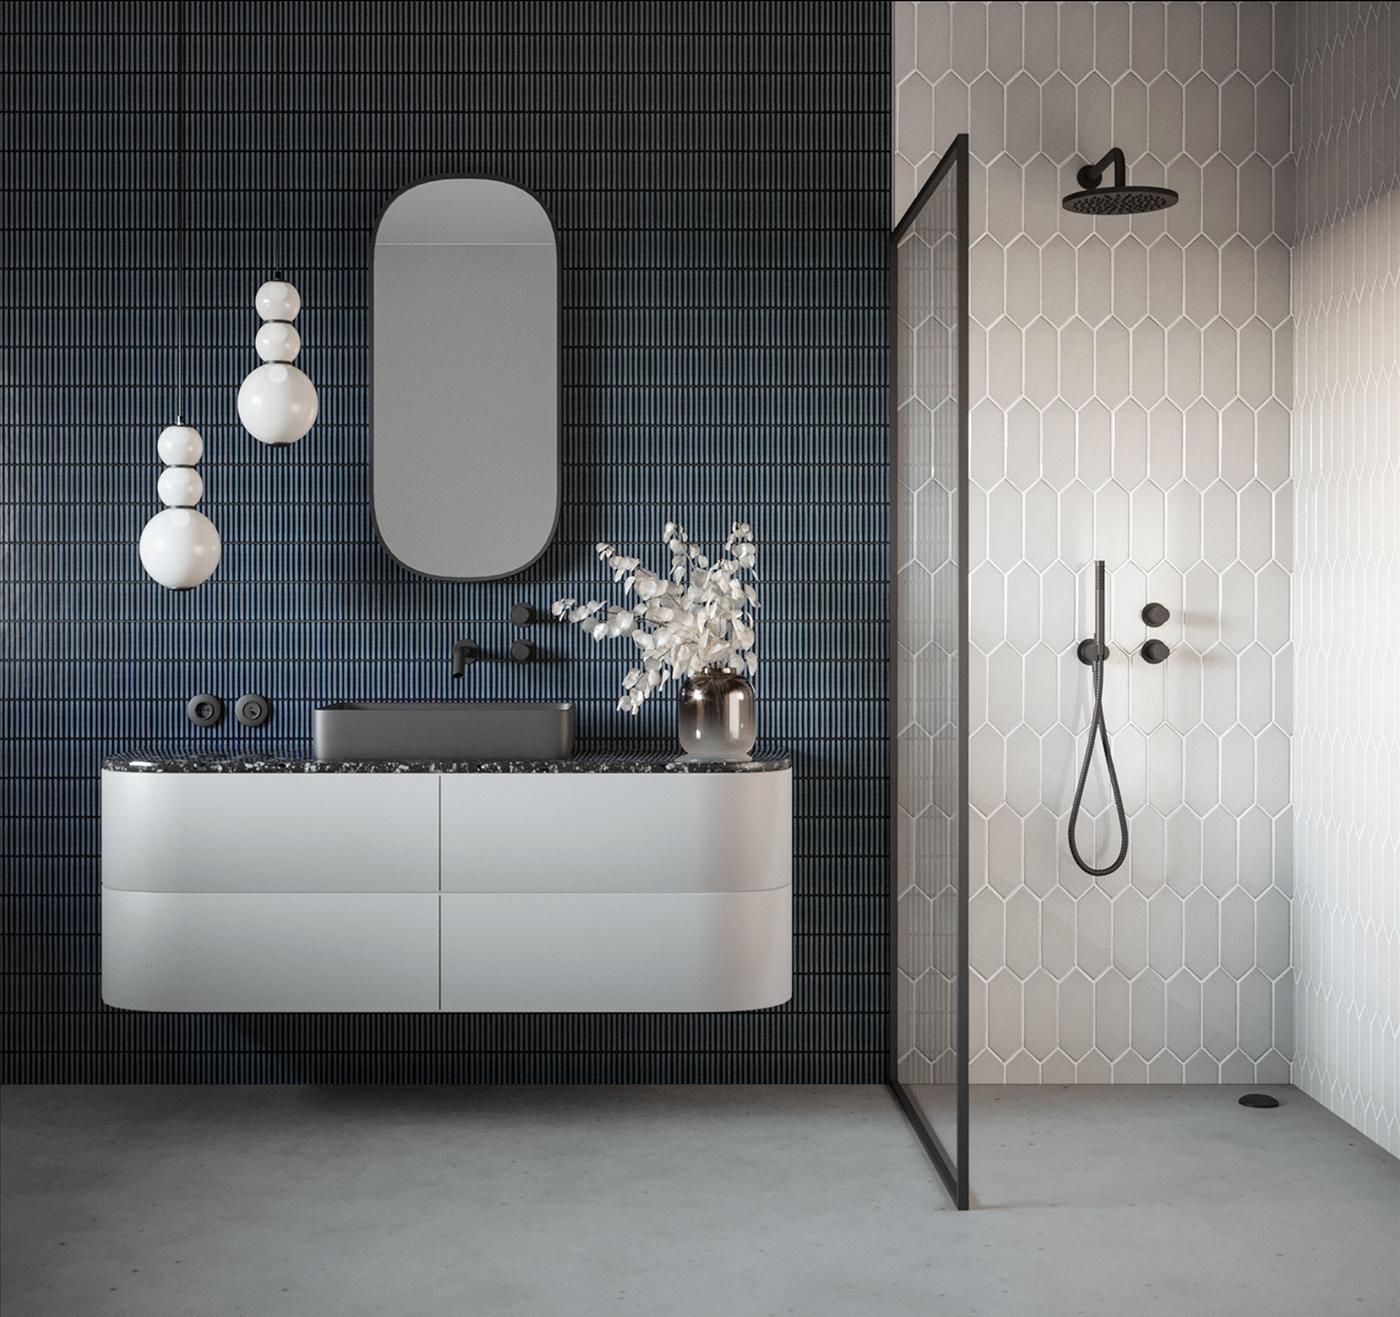 architecture bathroom Denim Interior interior design  mosaic navy tiles